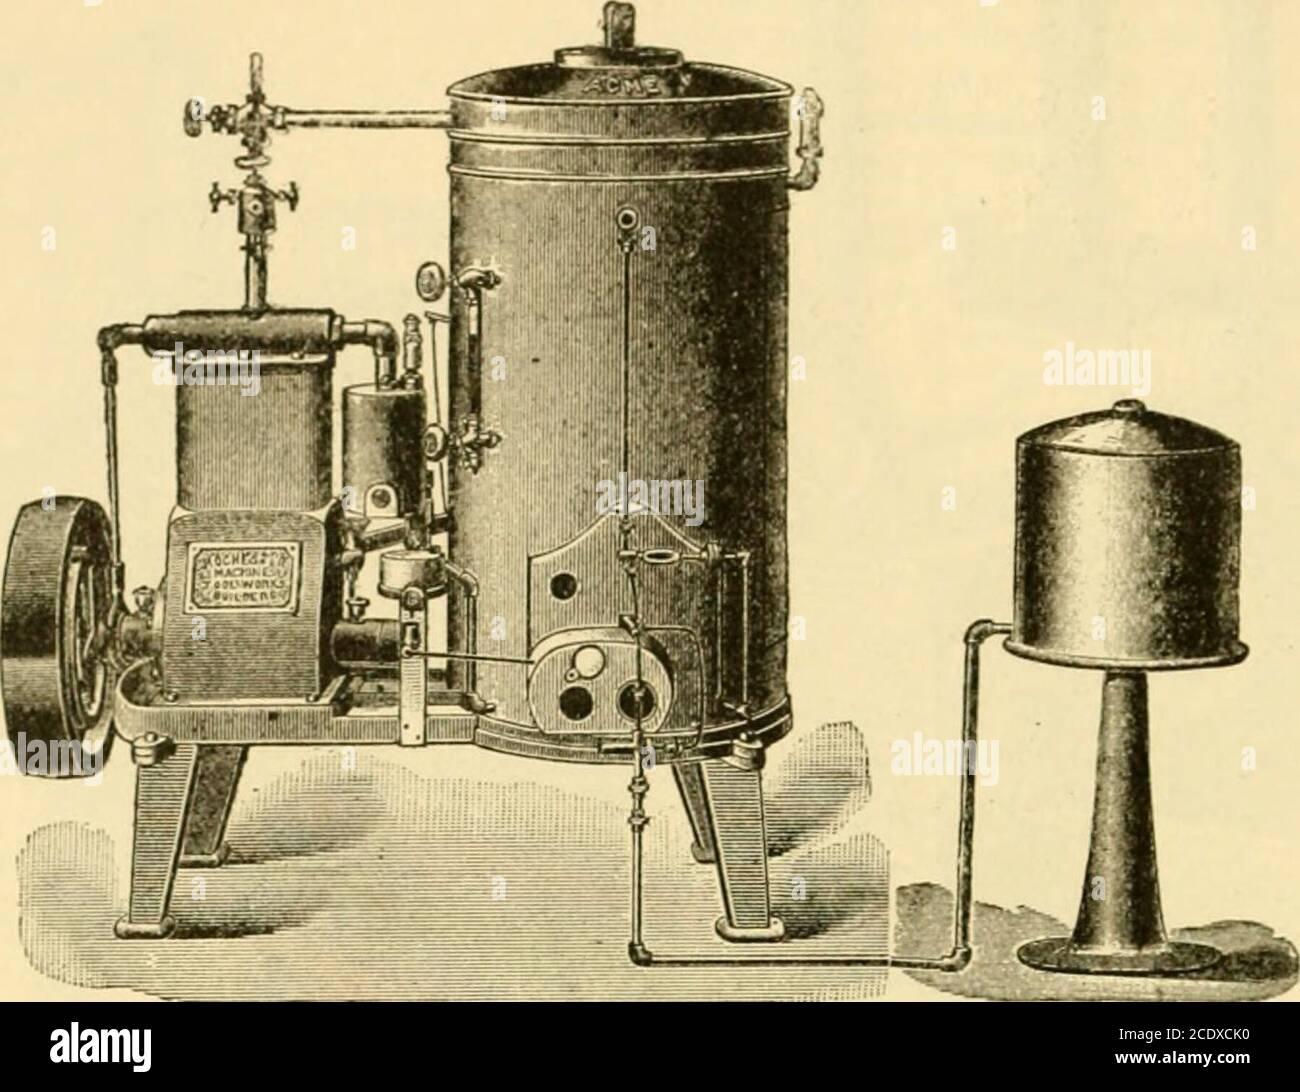 //potence éléments Rademacher Moteur Stock Universal propulsion CAMP CONSTRUCTION